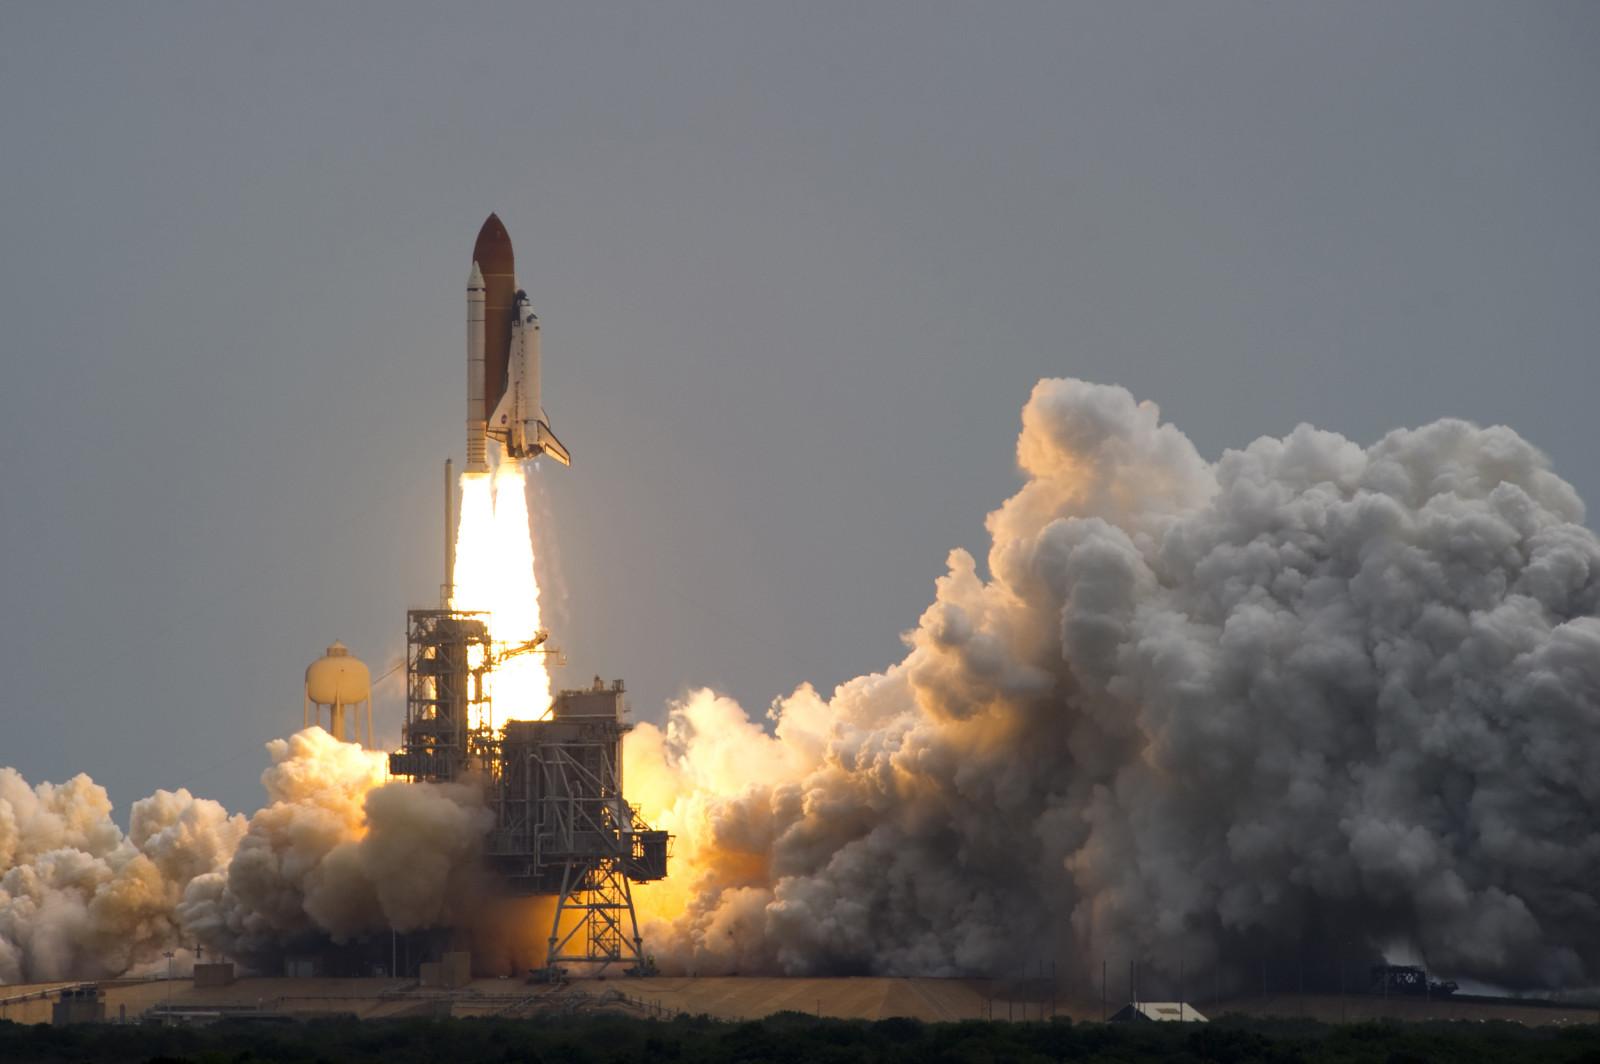 rocket space coast image - HD1600×1064